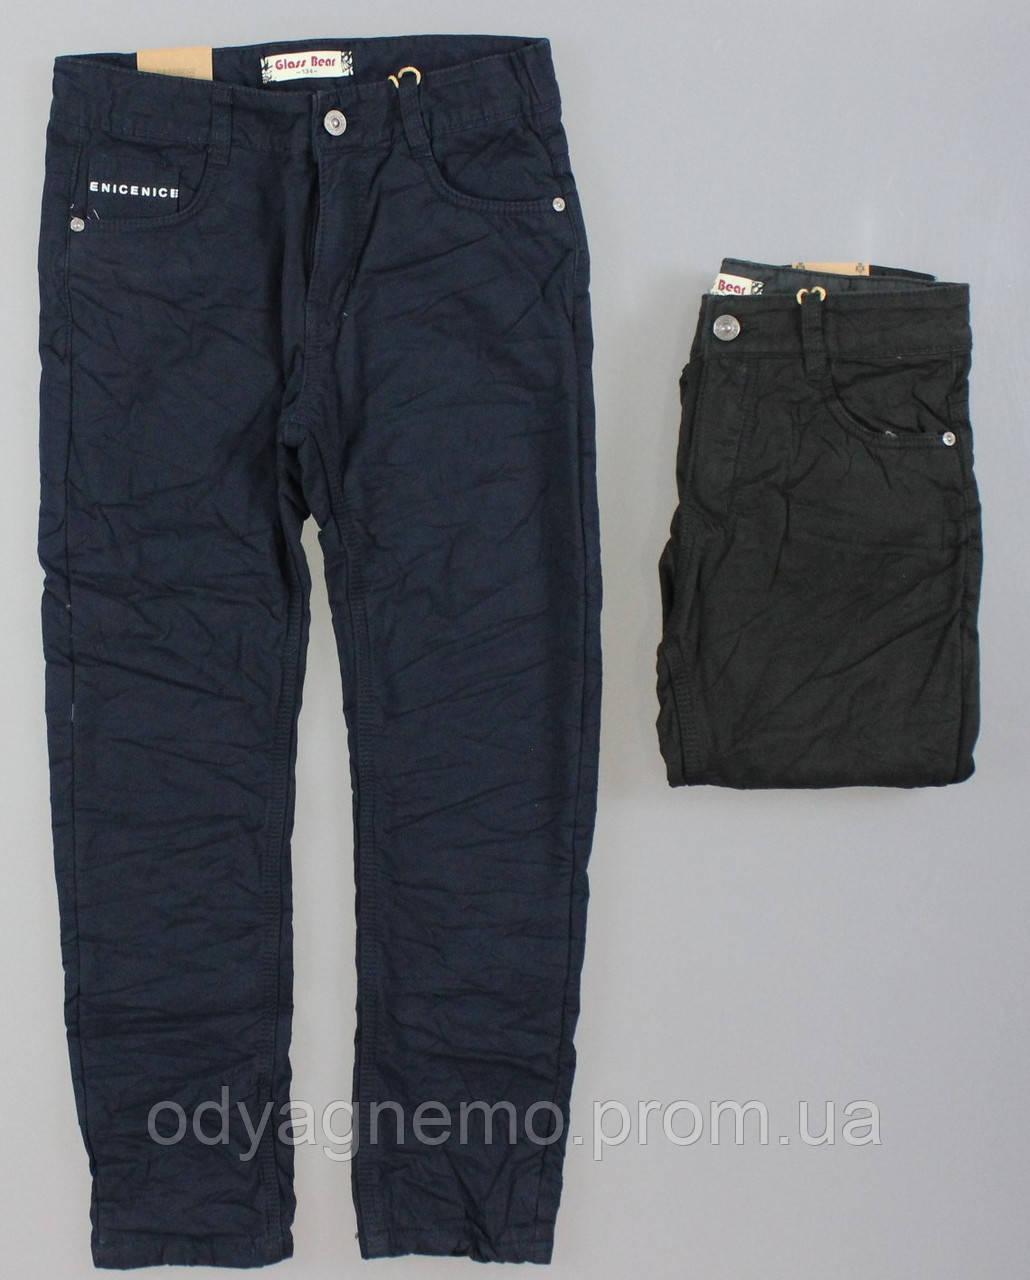 Котоновые брюки на флисе для мальчиков Glass Bear оптом , 134-164 рр.